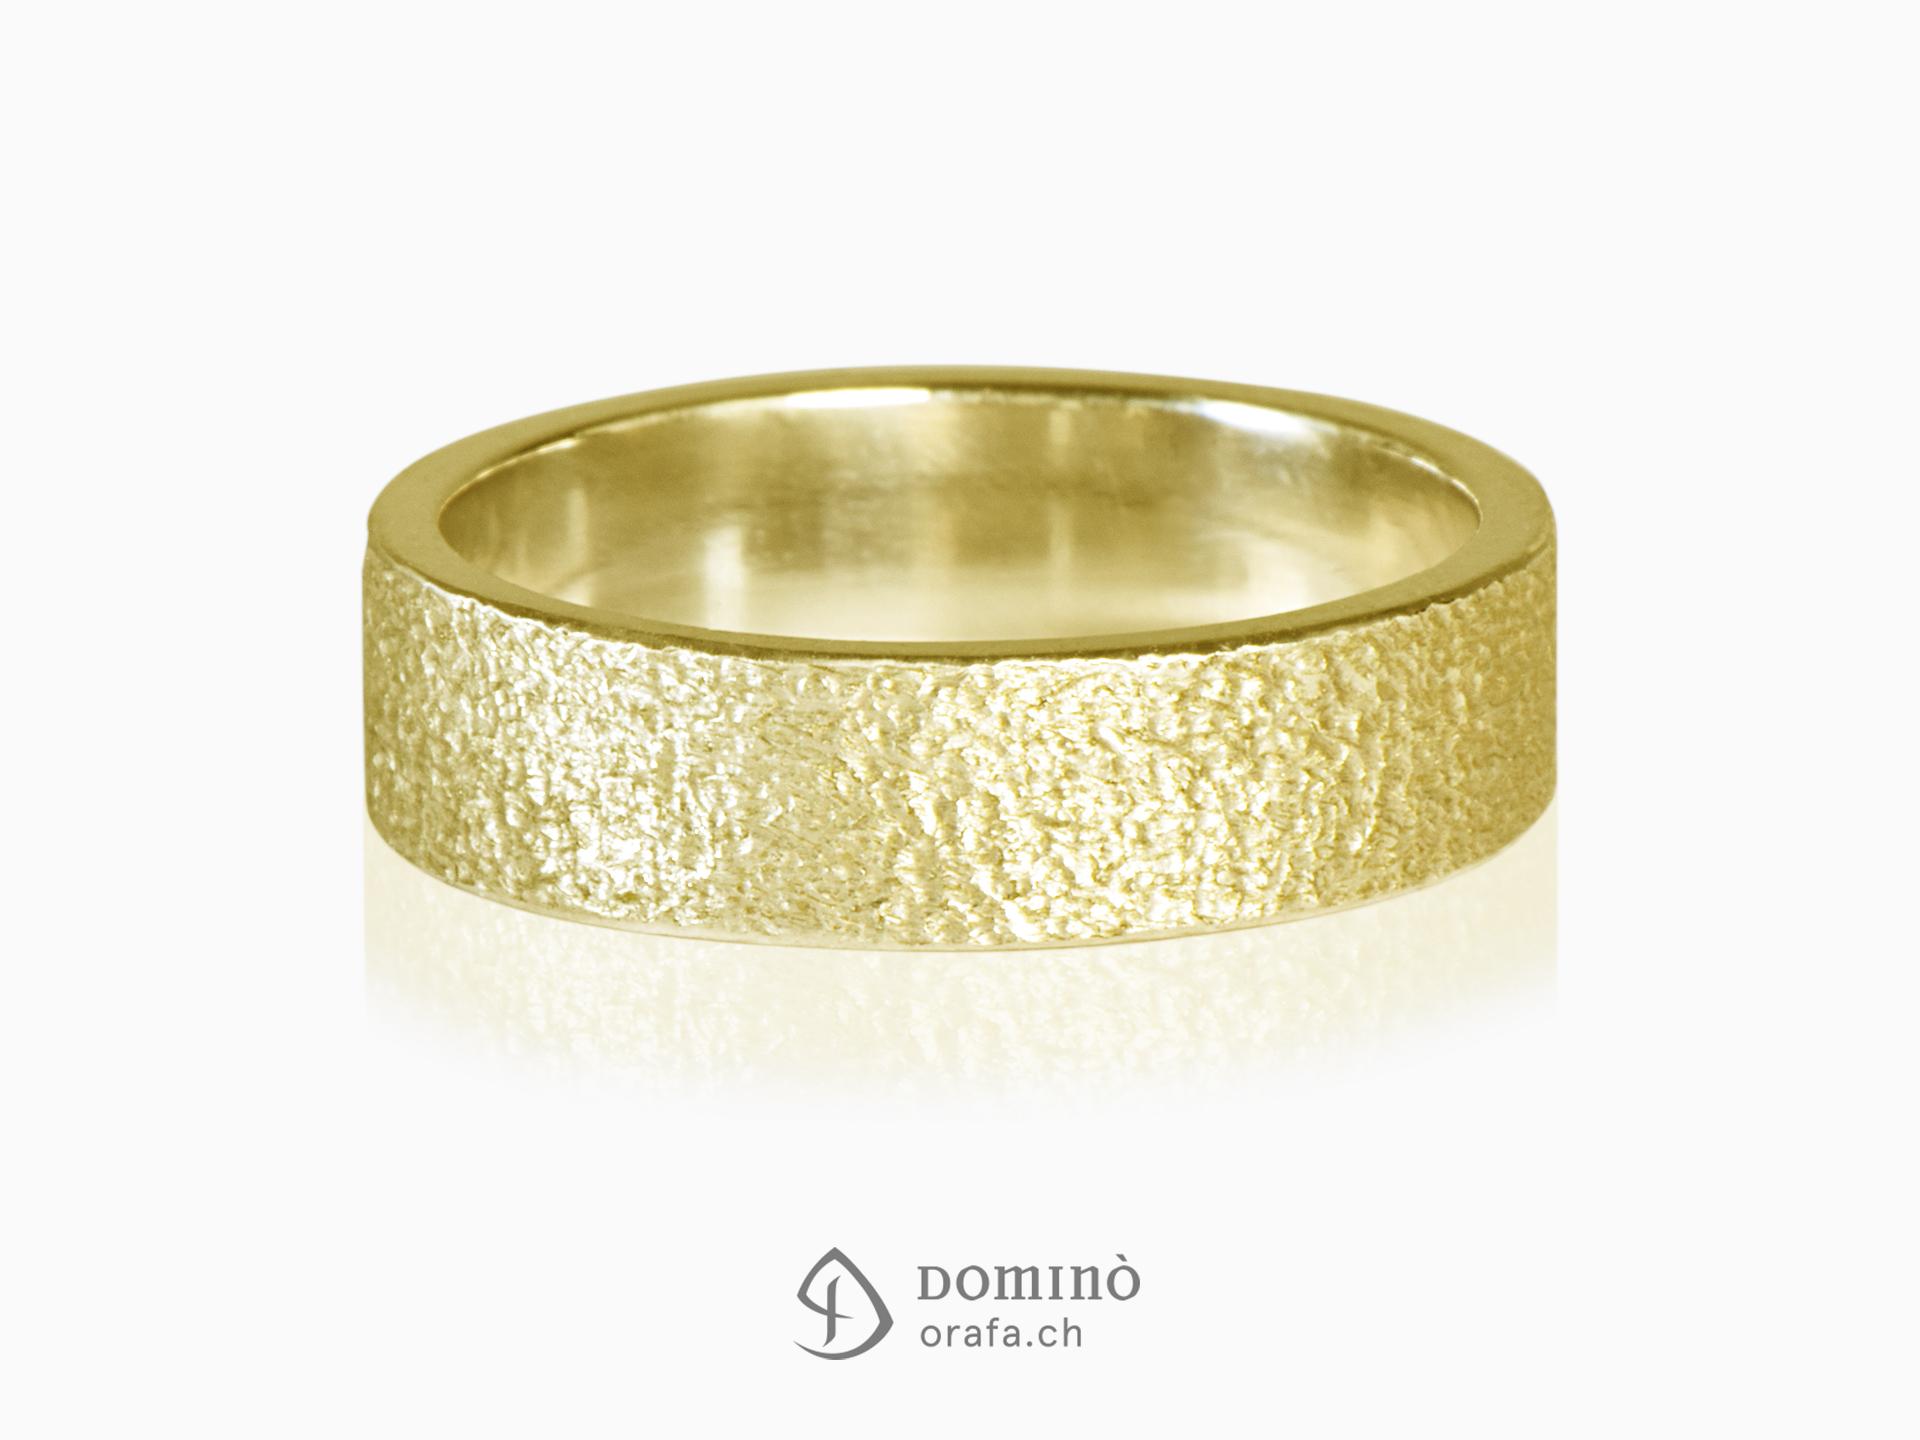 Sabbia rings